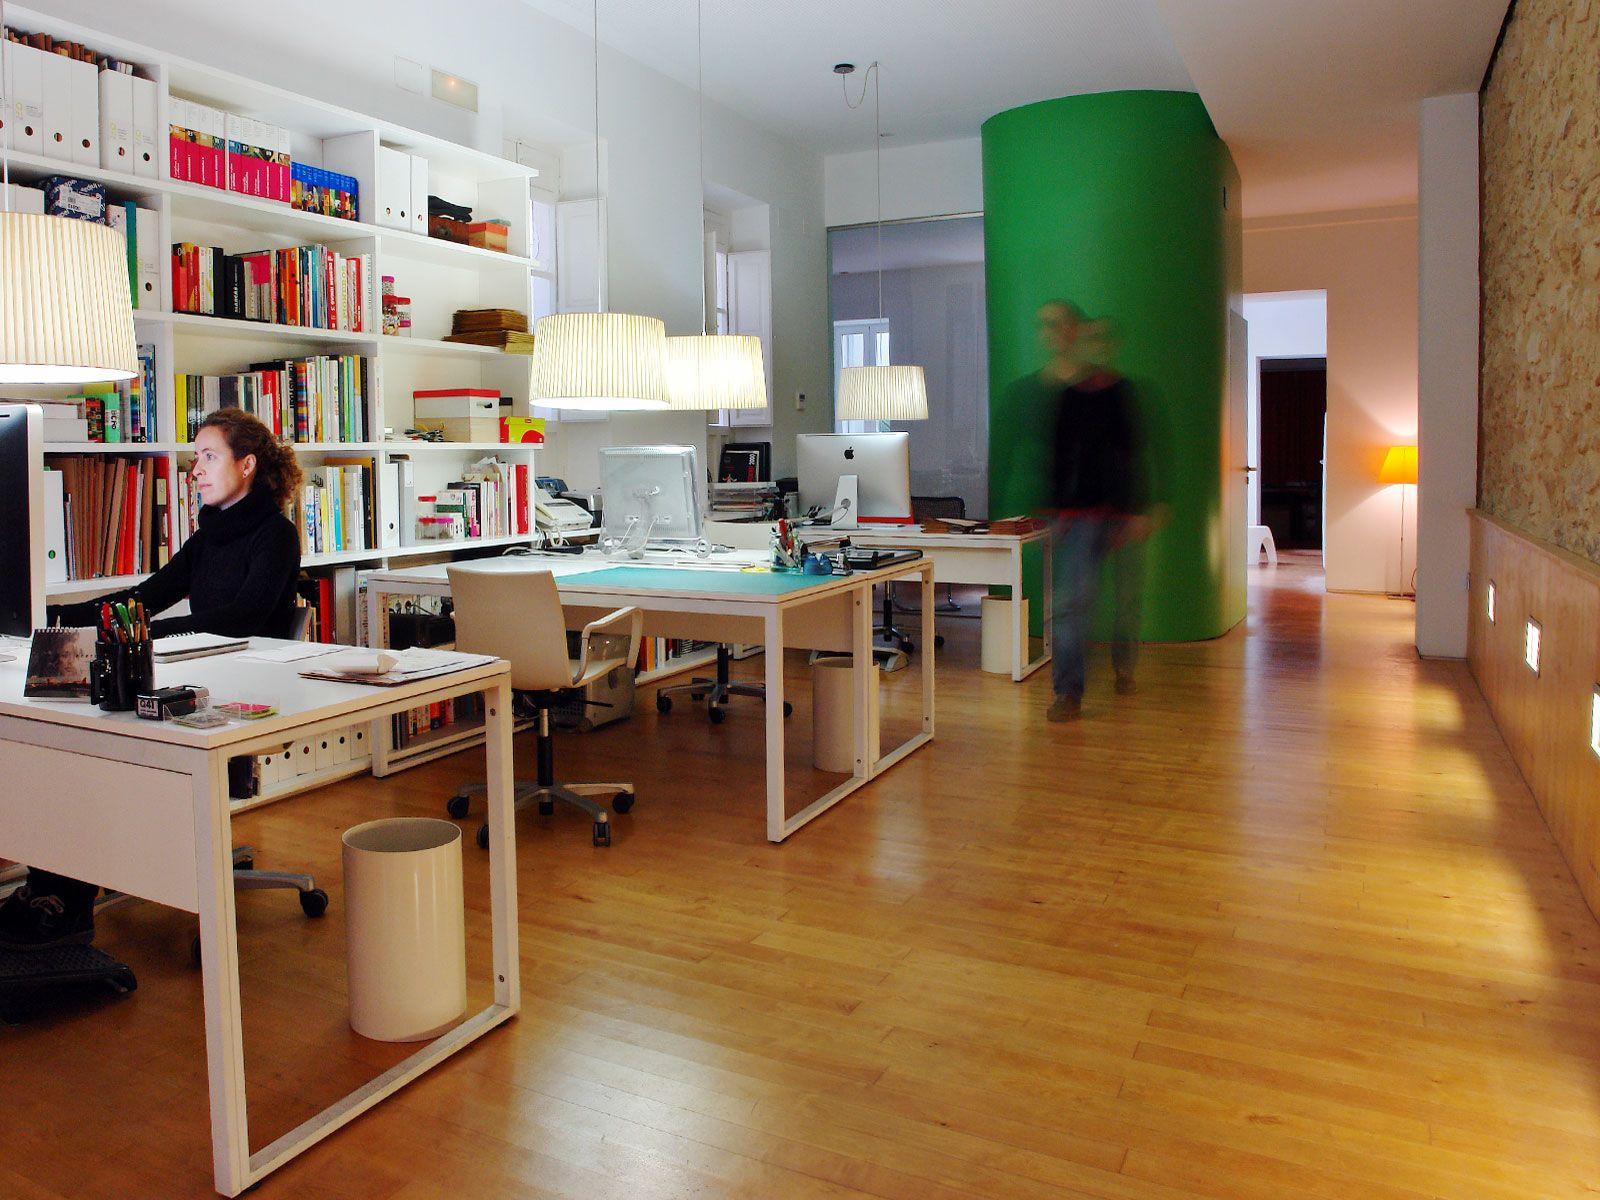 despacho para diseño gráfico - Buscar con Google | Espacios ...